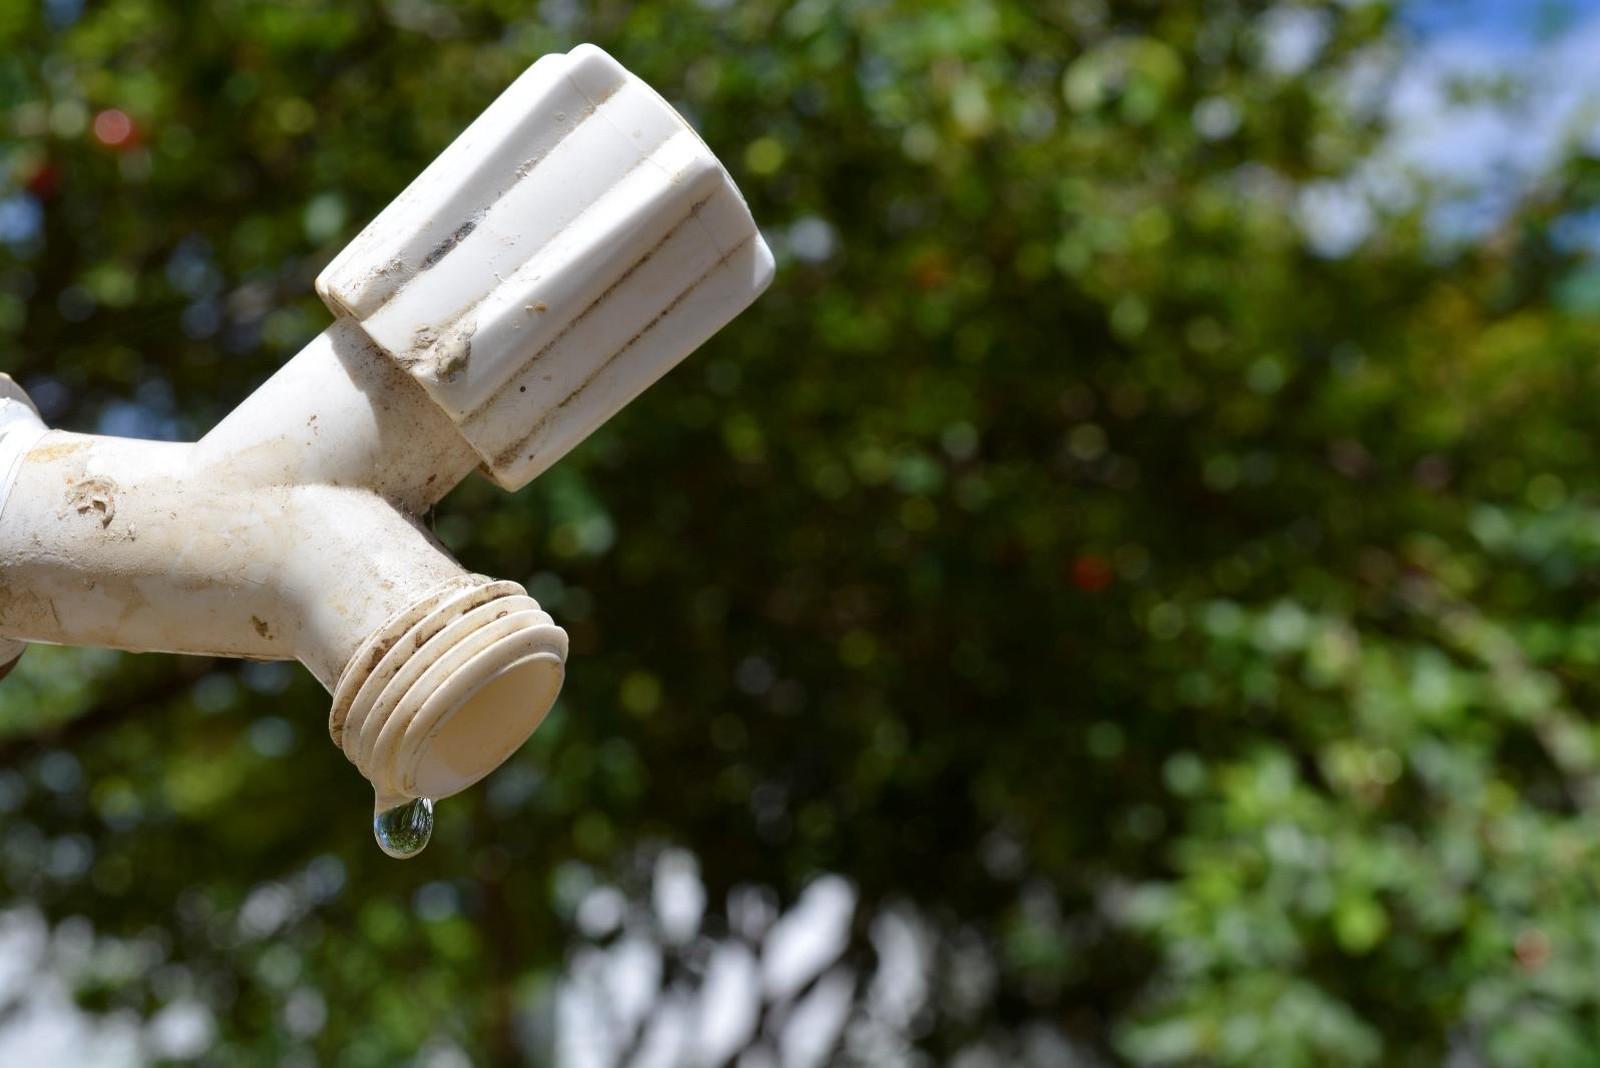 Bairros de São Vicente poderão ter abastecimento de água afetado nesta segunda-feira